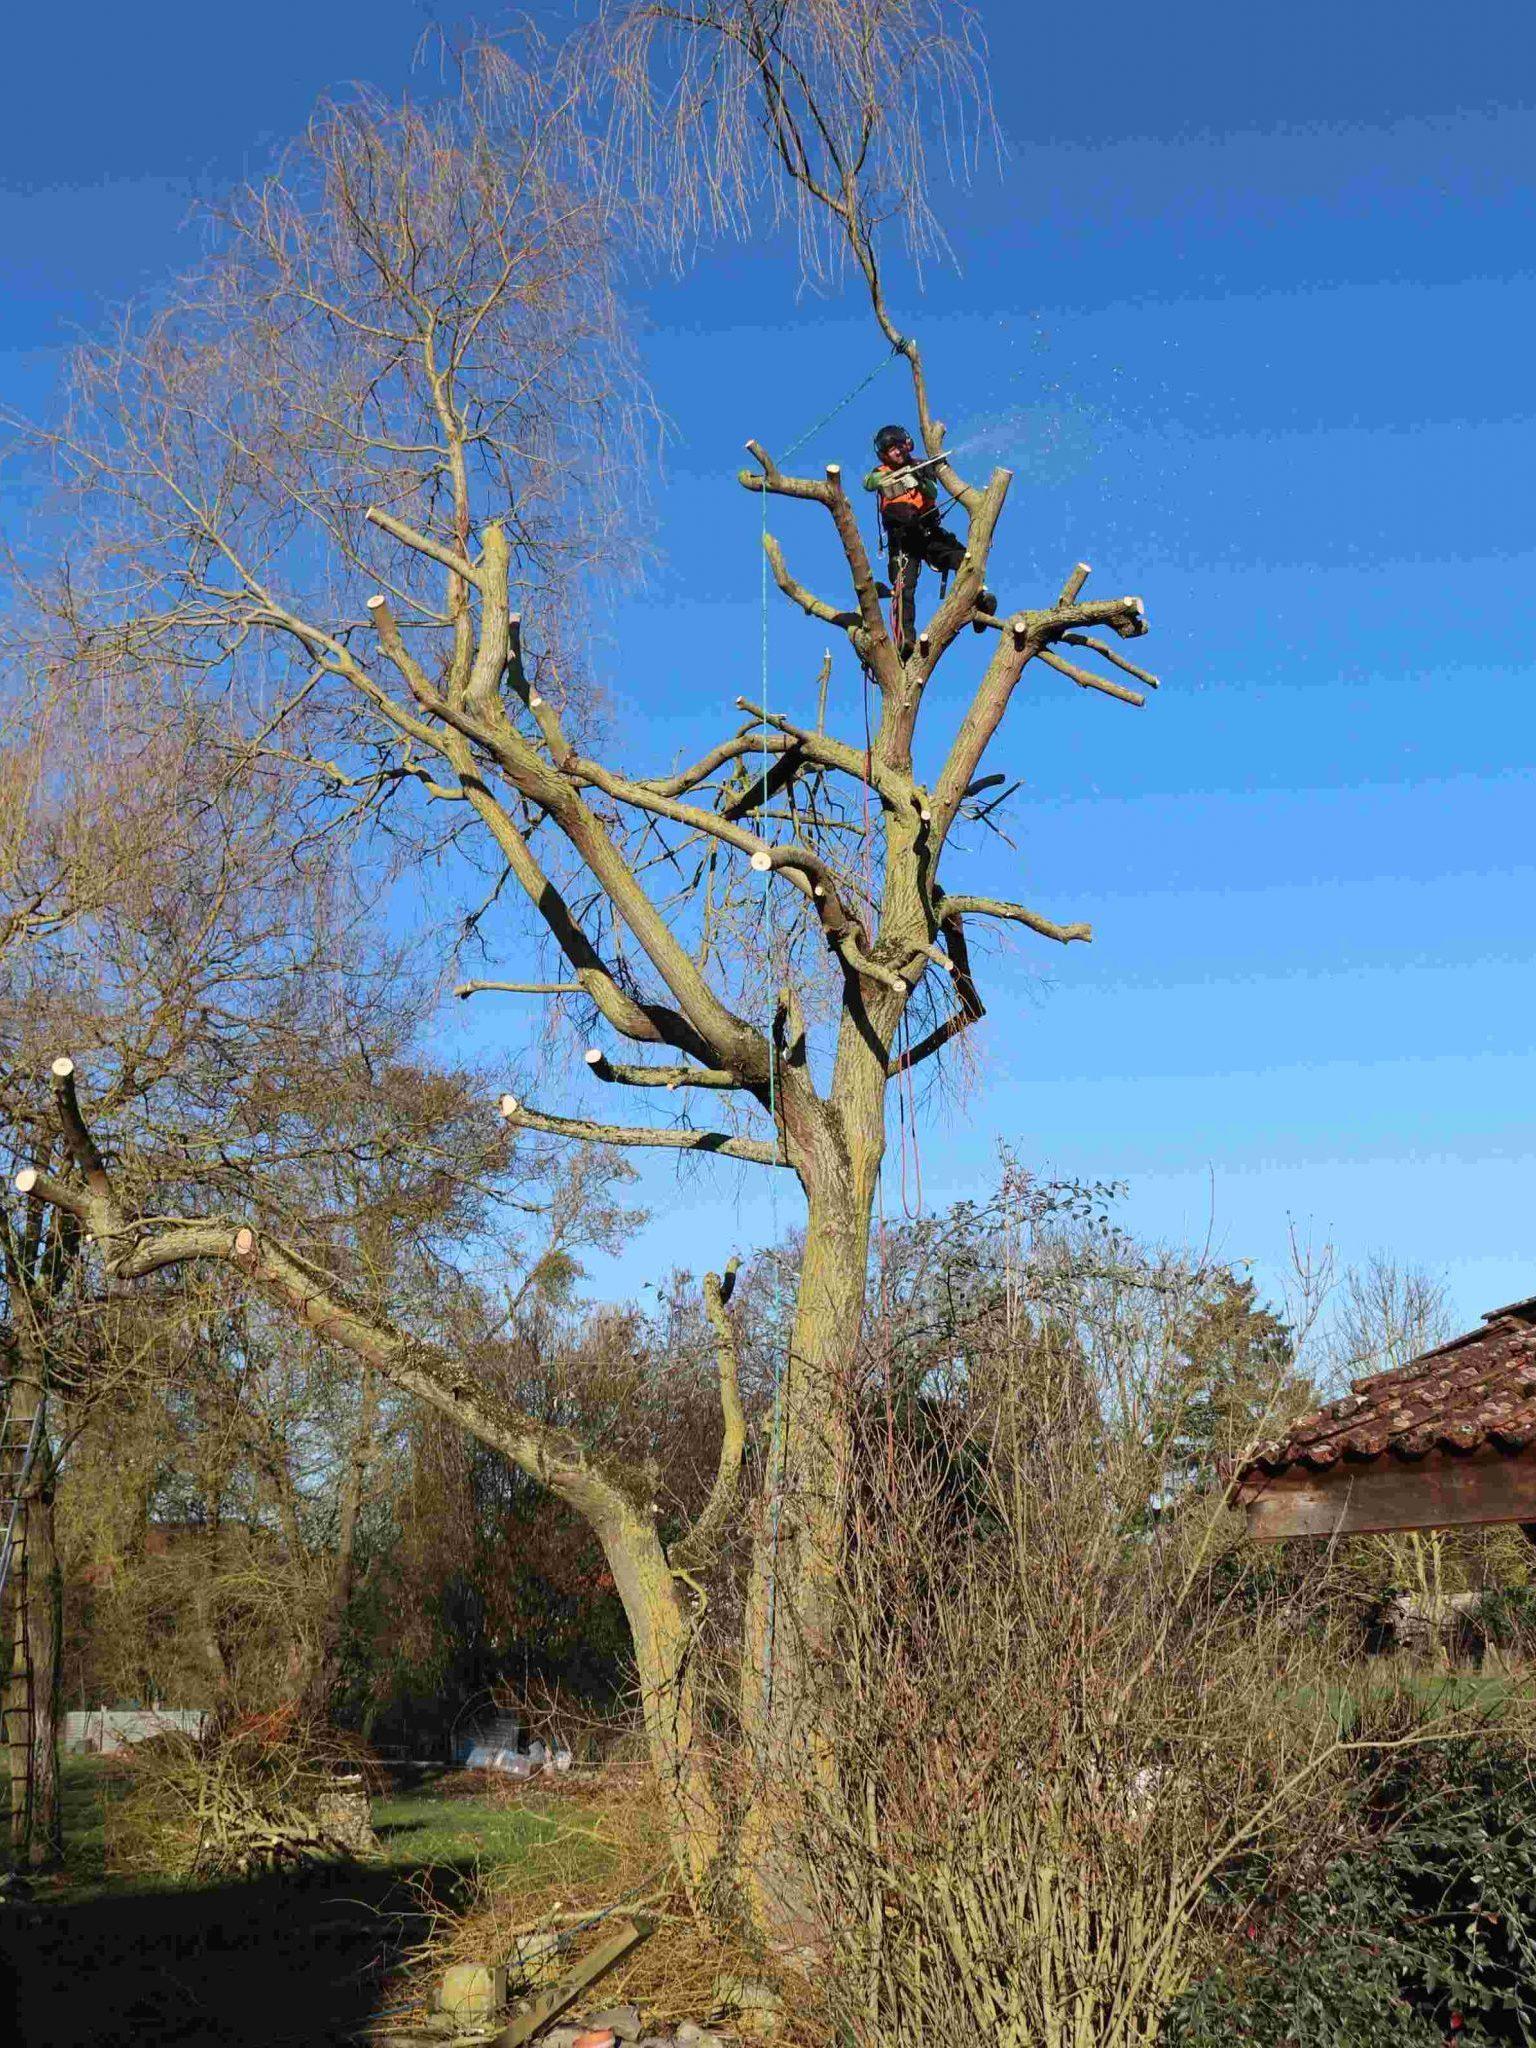 Colver créateur jardin paysagiste oise noyon compiègne élagage arbre risque abattage élagueur grimpeur